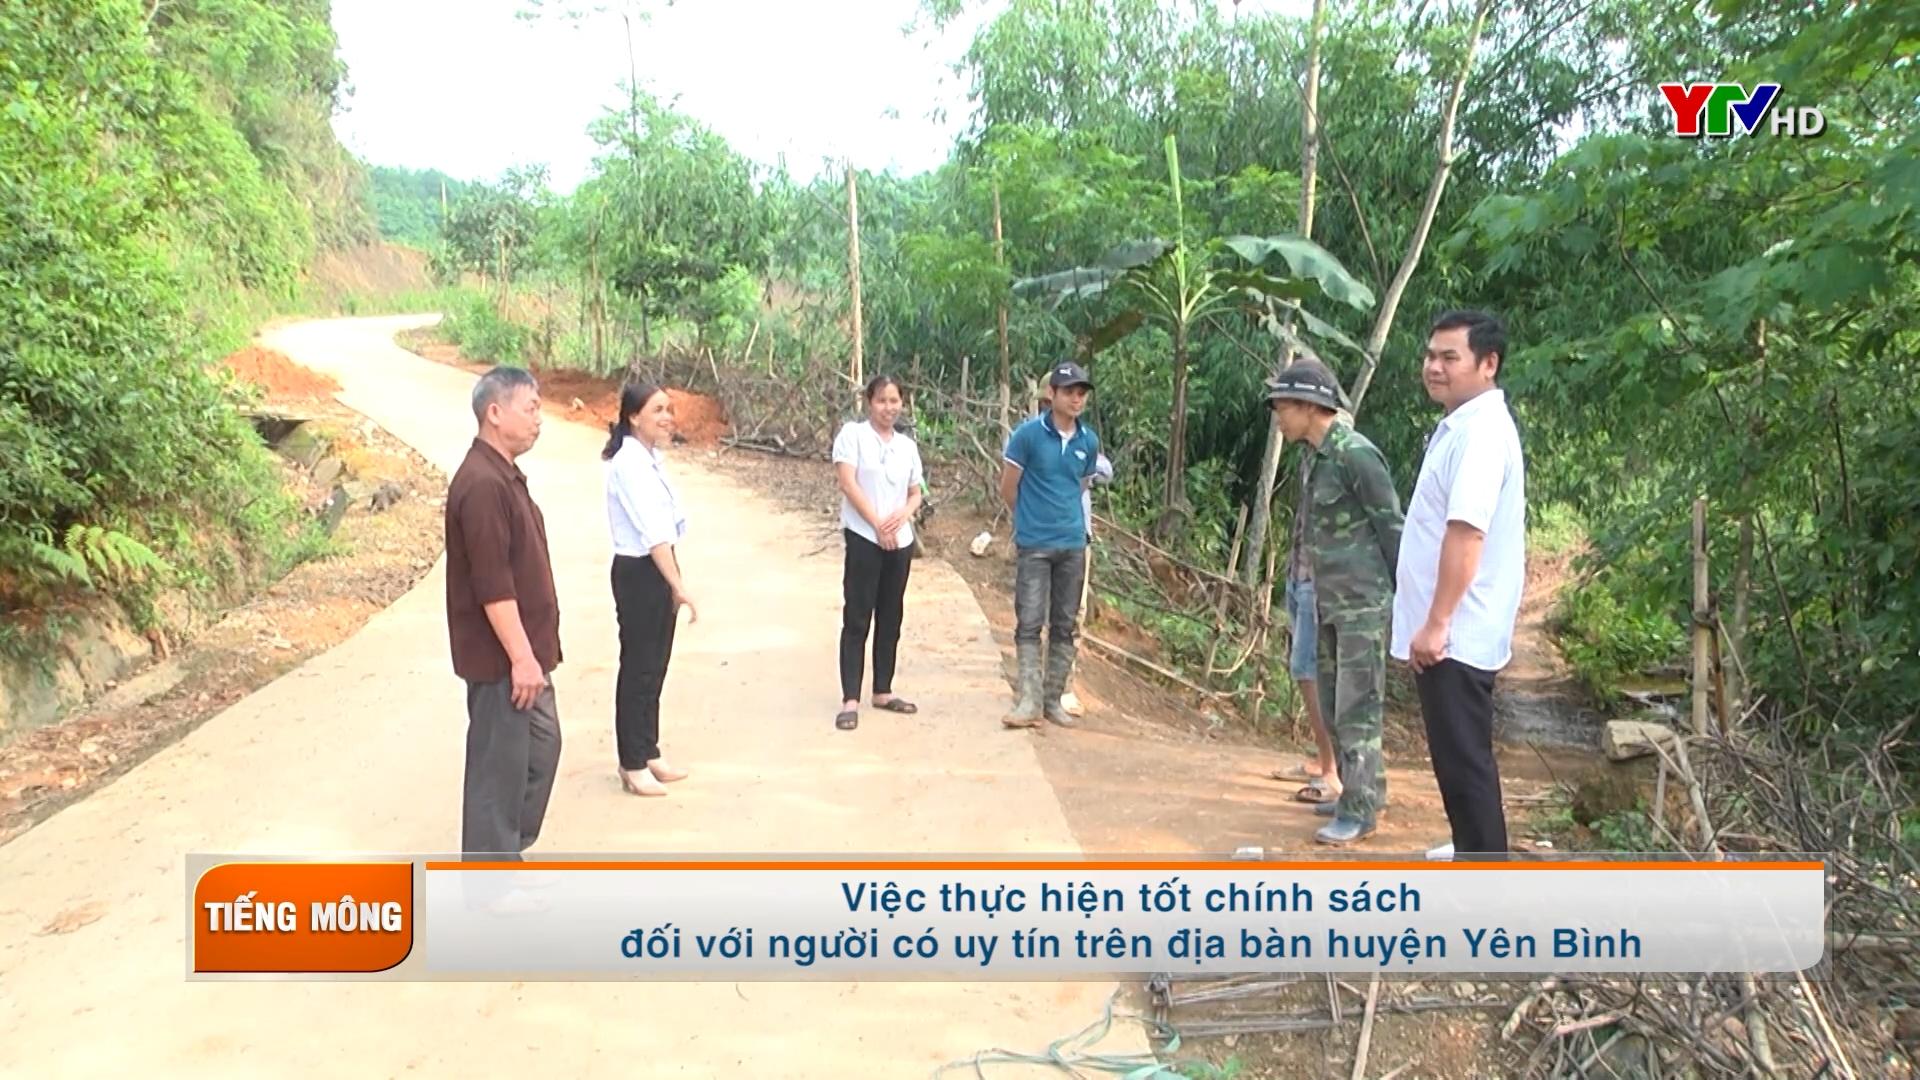 Tạp chí truyền hình tiếng Mông số 2 tháng 5 năm 2021